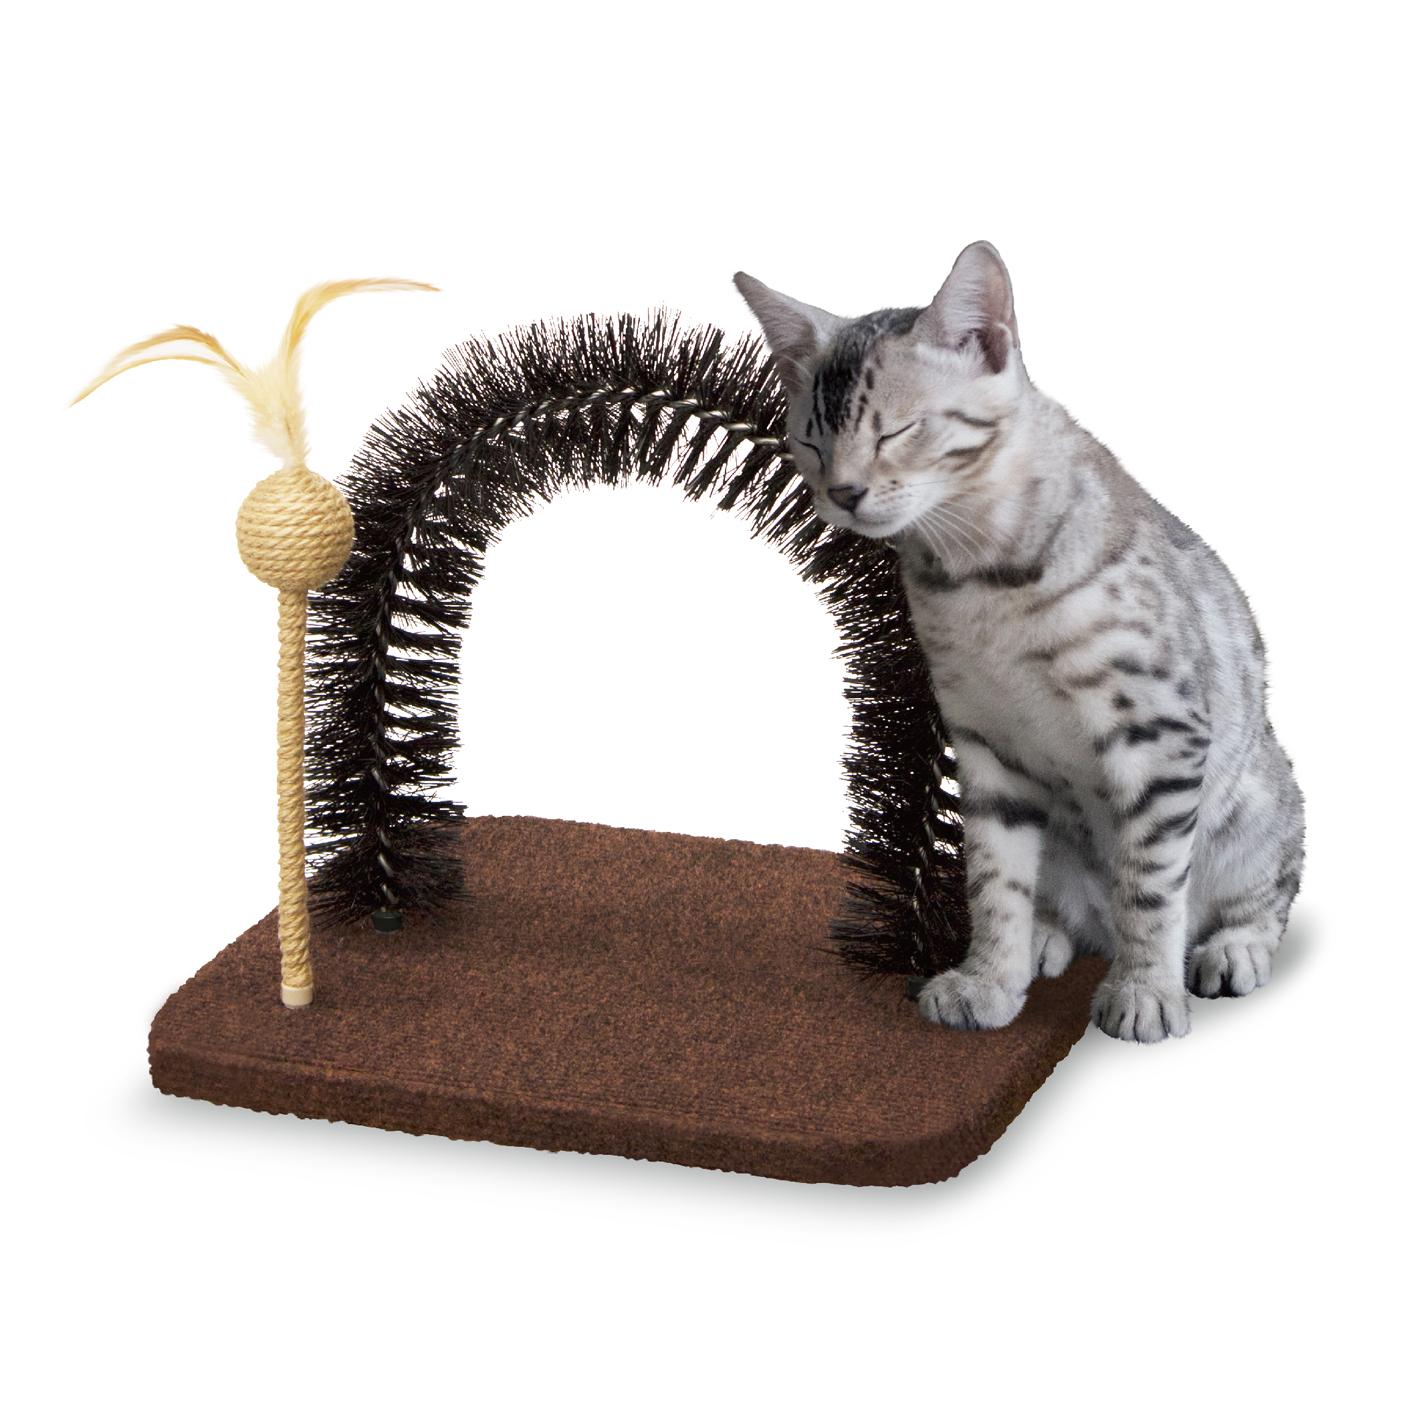 Đồ chơi chải lông mèo